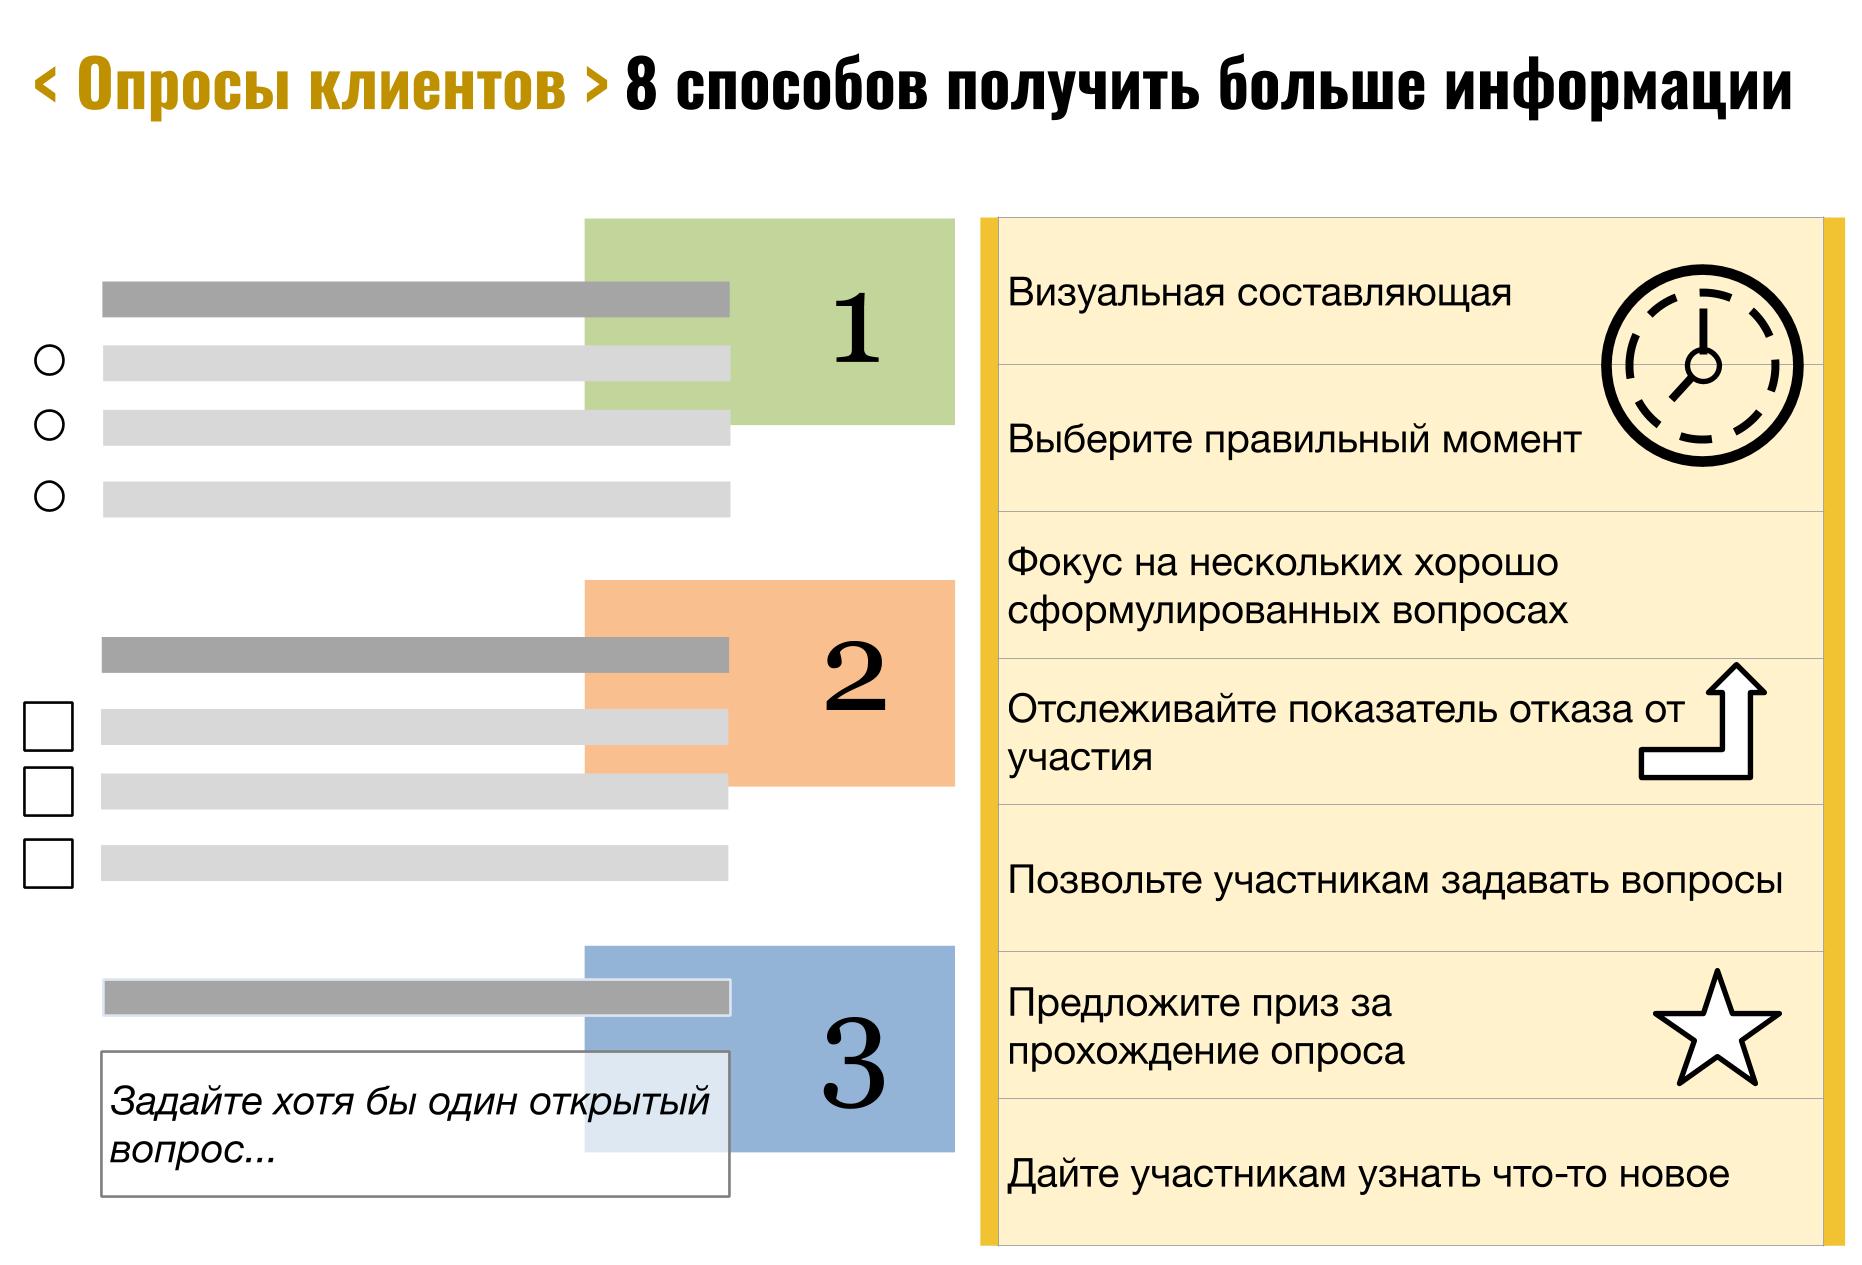 8 способов получить больше информации из опросов клиентов